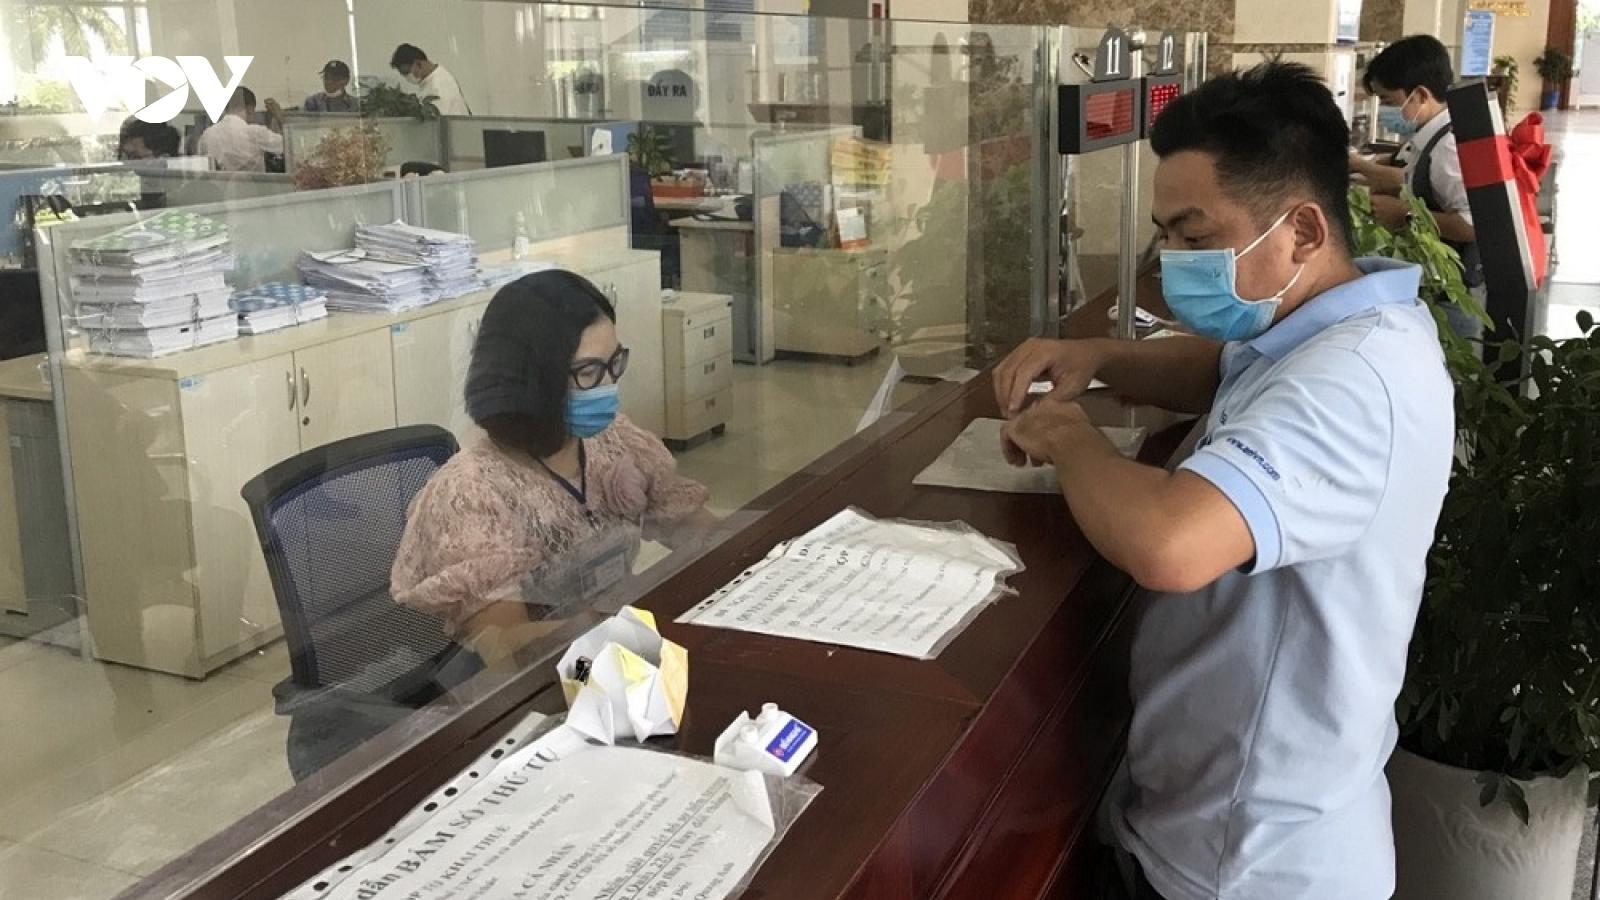 Cục Thuế TP HCM khẳng định bảo mật thông tin cho các chủ tài khoản nộp thuế